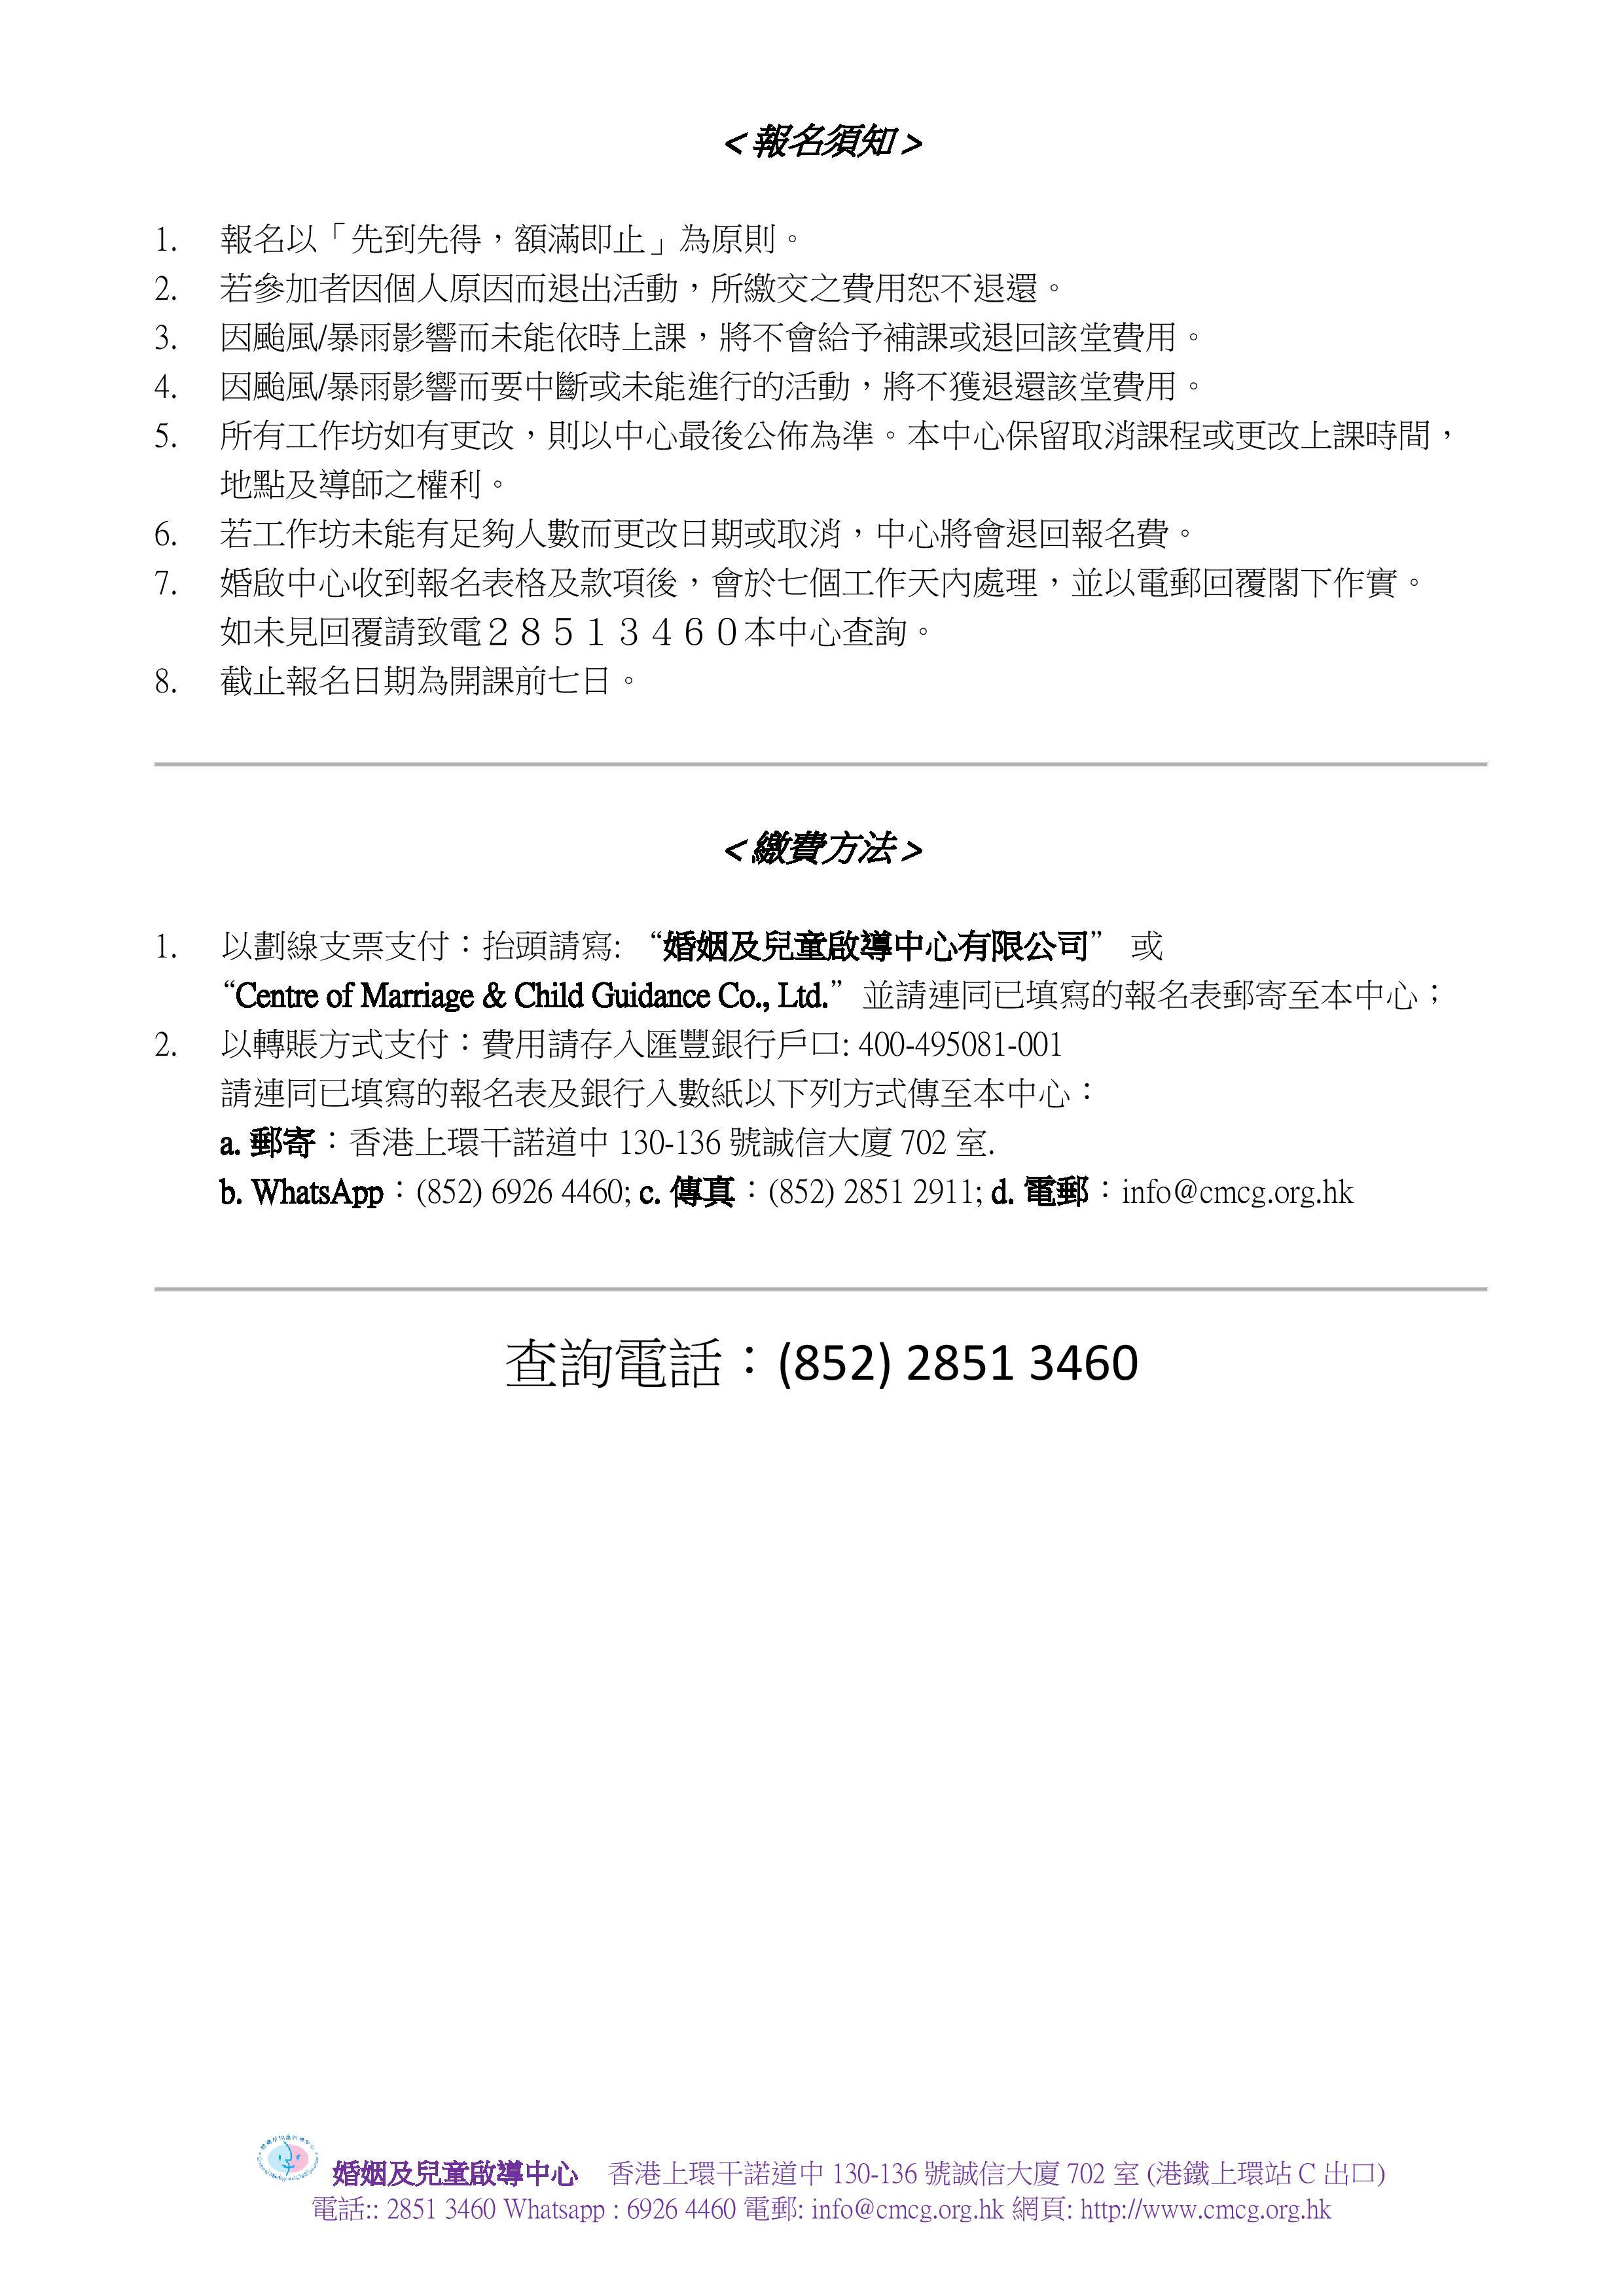 2017 04_07 Reg Form 2